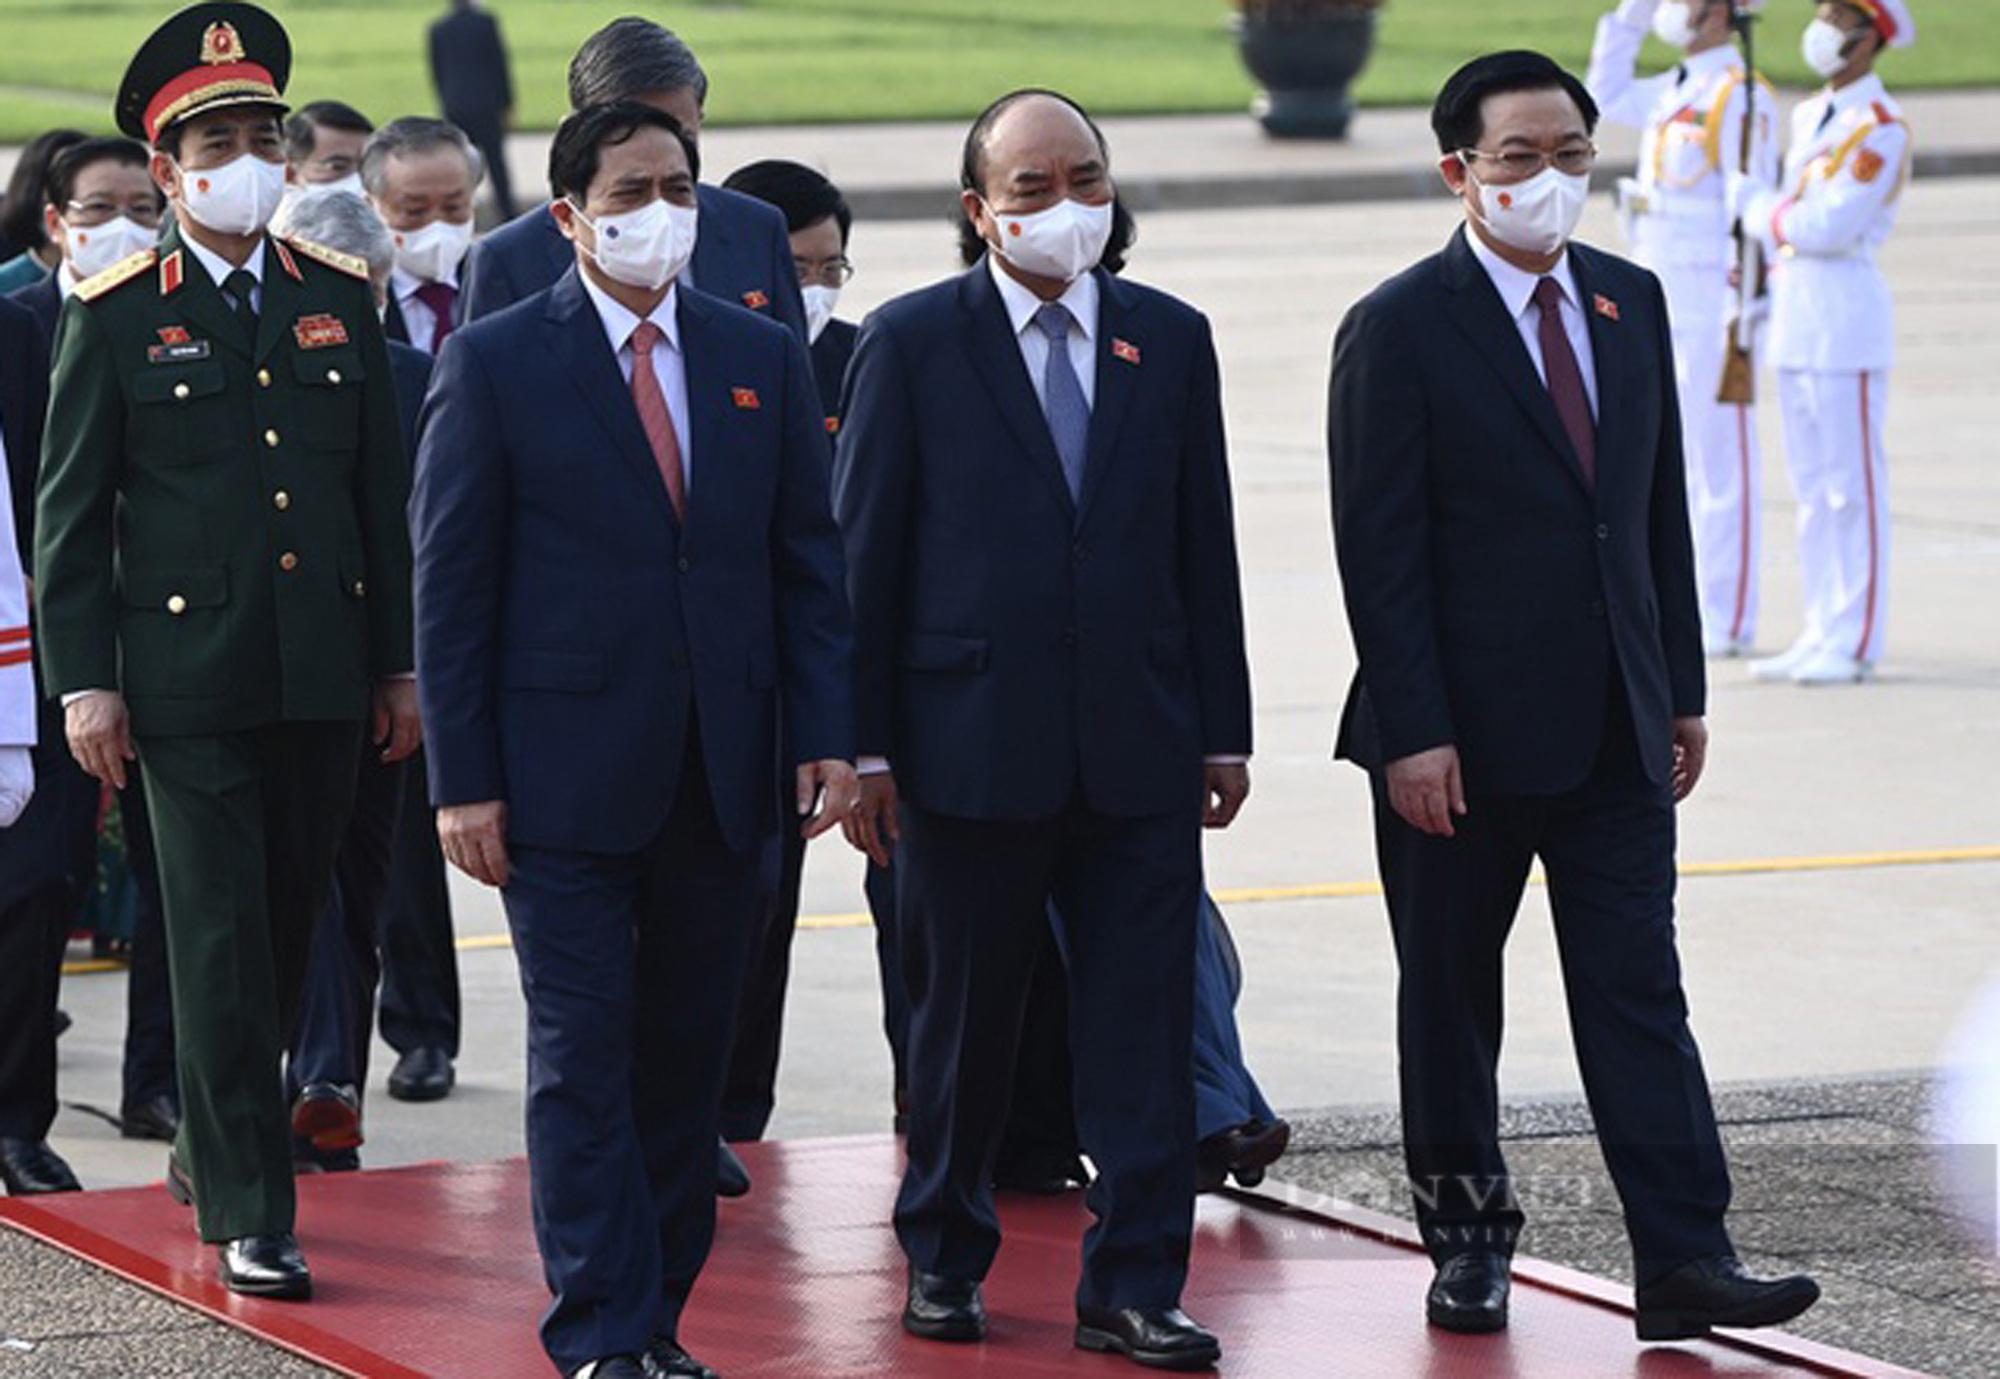 Lãnh đạo Đảng, Nhà nước và đại biểu Quốc hội khóa XV vào Lăng viếng Bác - Ảnh 3.